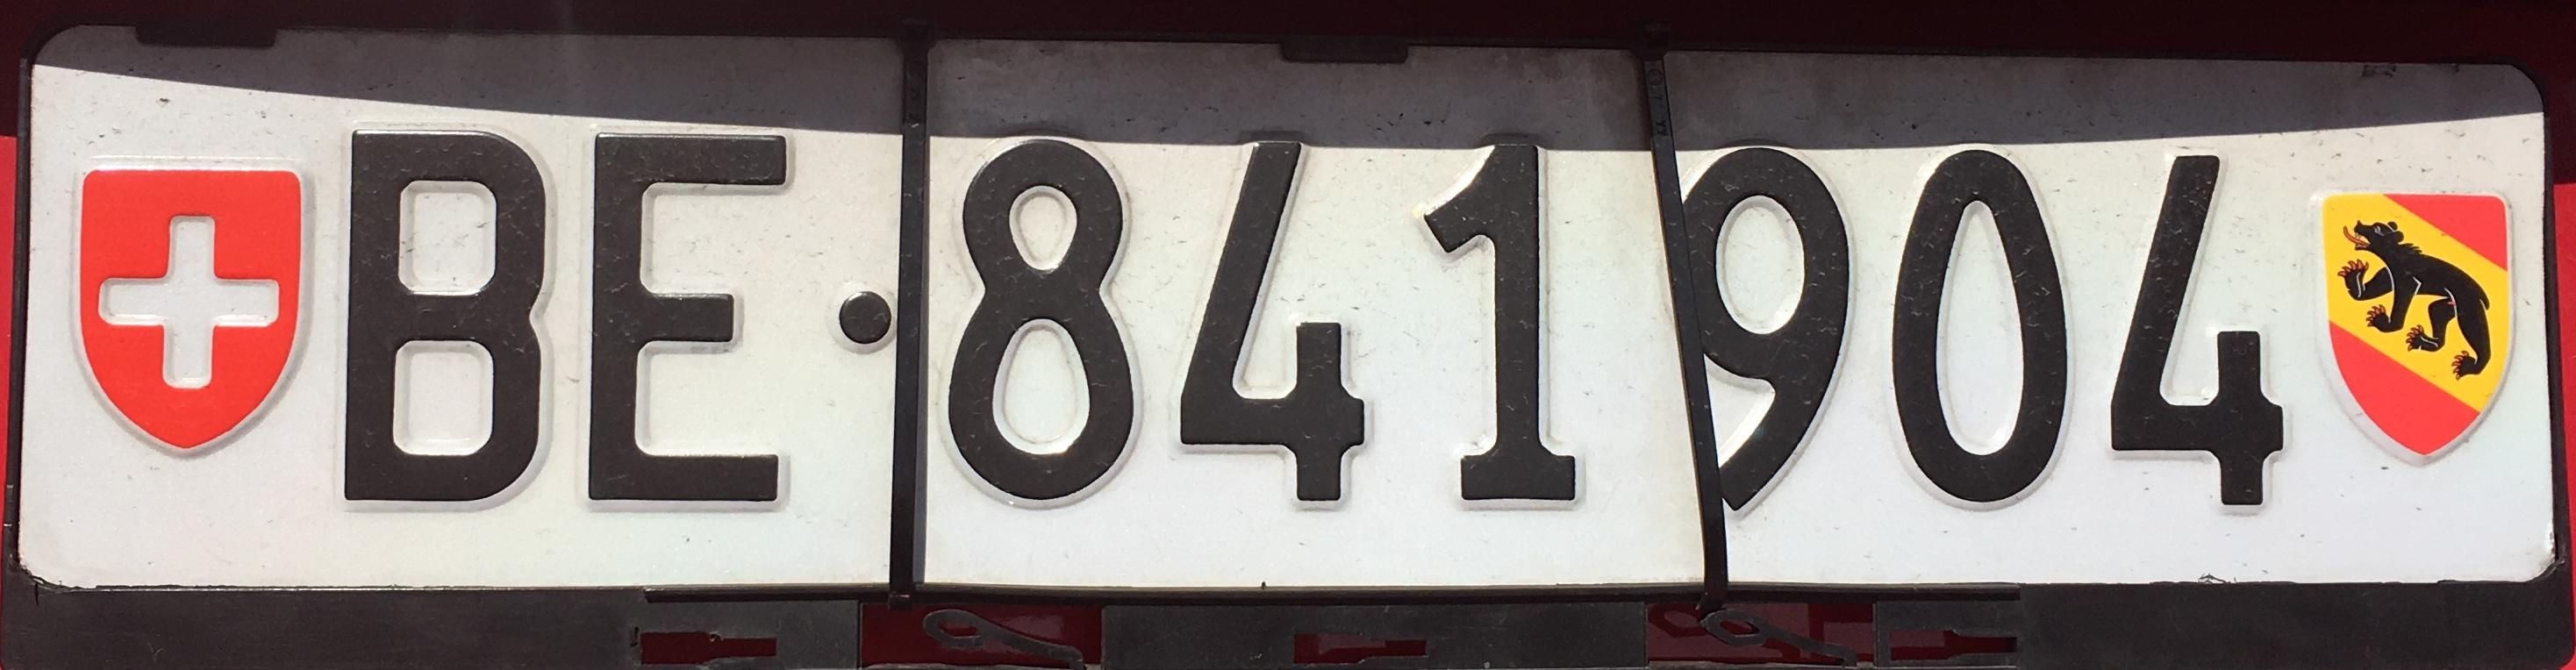 Registrační značky Švýcarsko – BE - Bern, foto: www.podalnici.cz